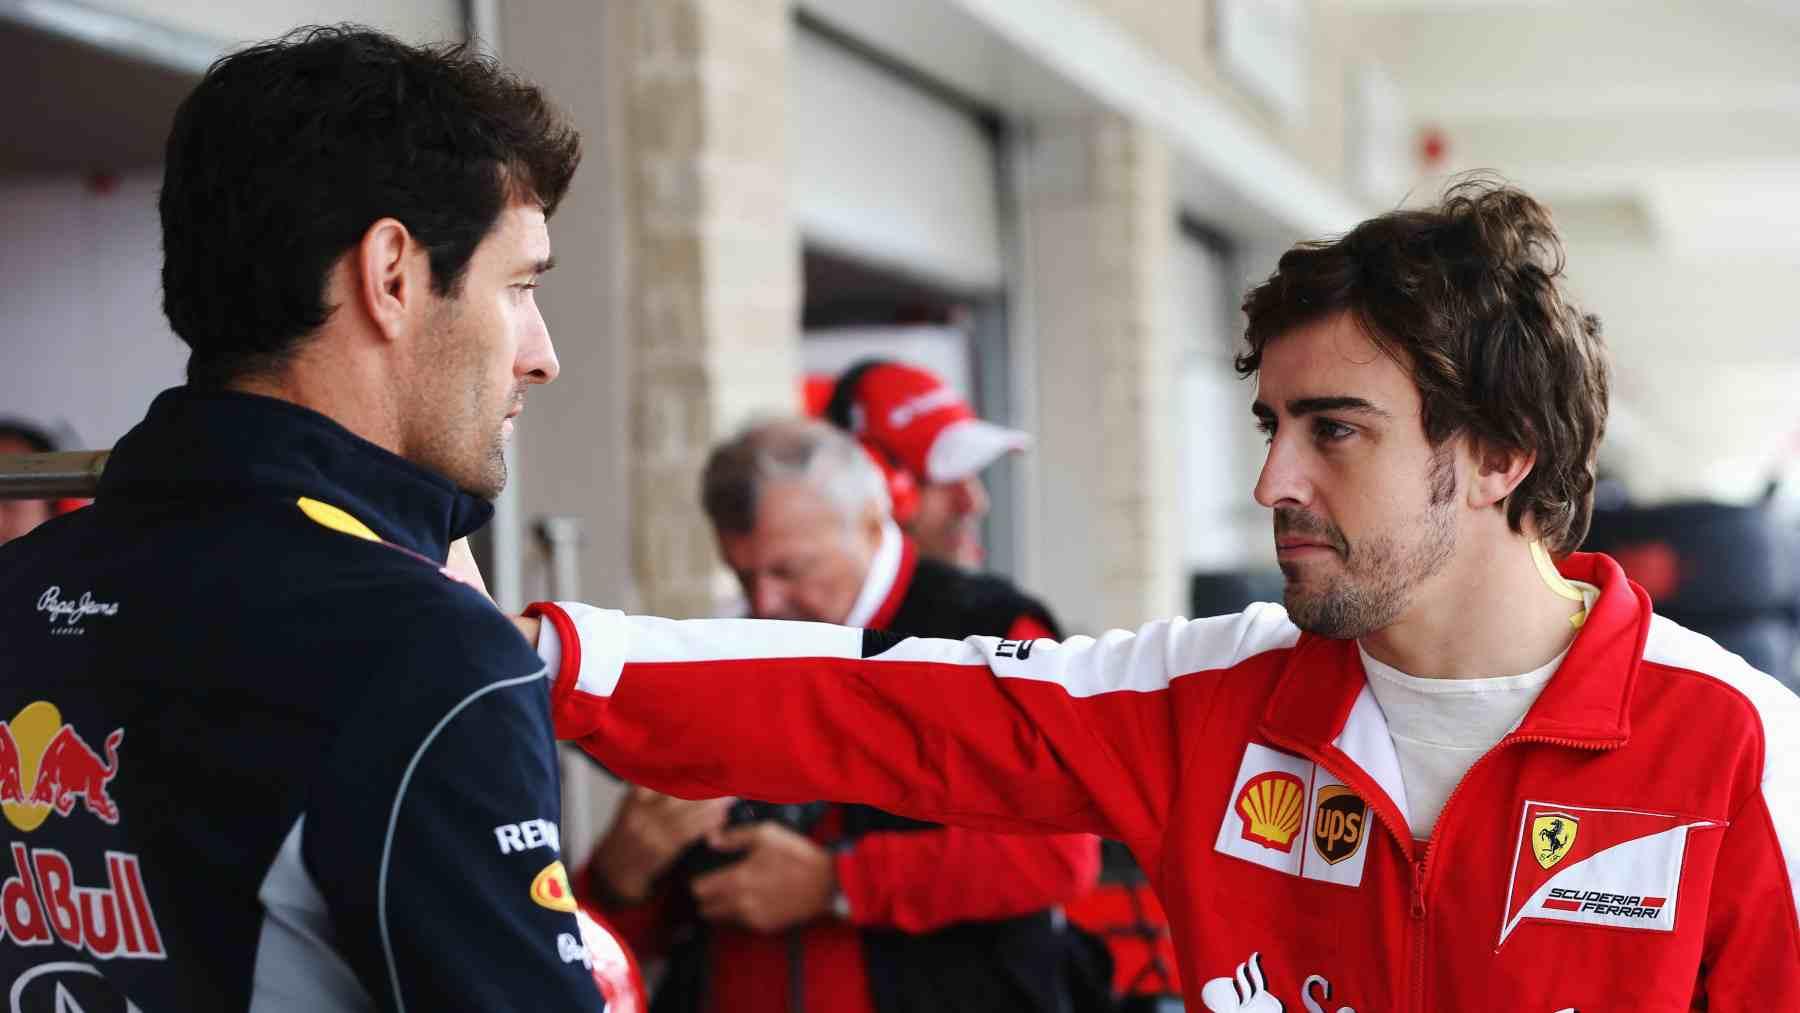 Mark Webber y Fernando Alonso en el año 2015. (AFP)